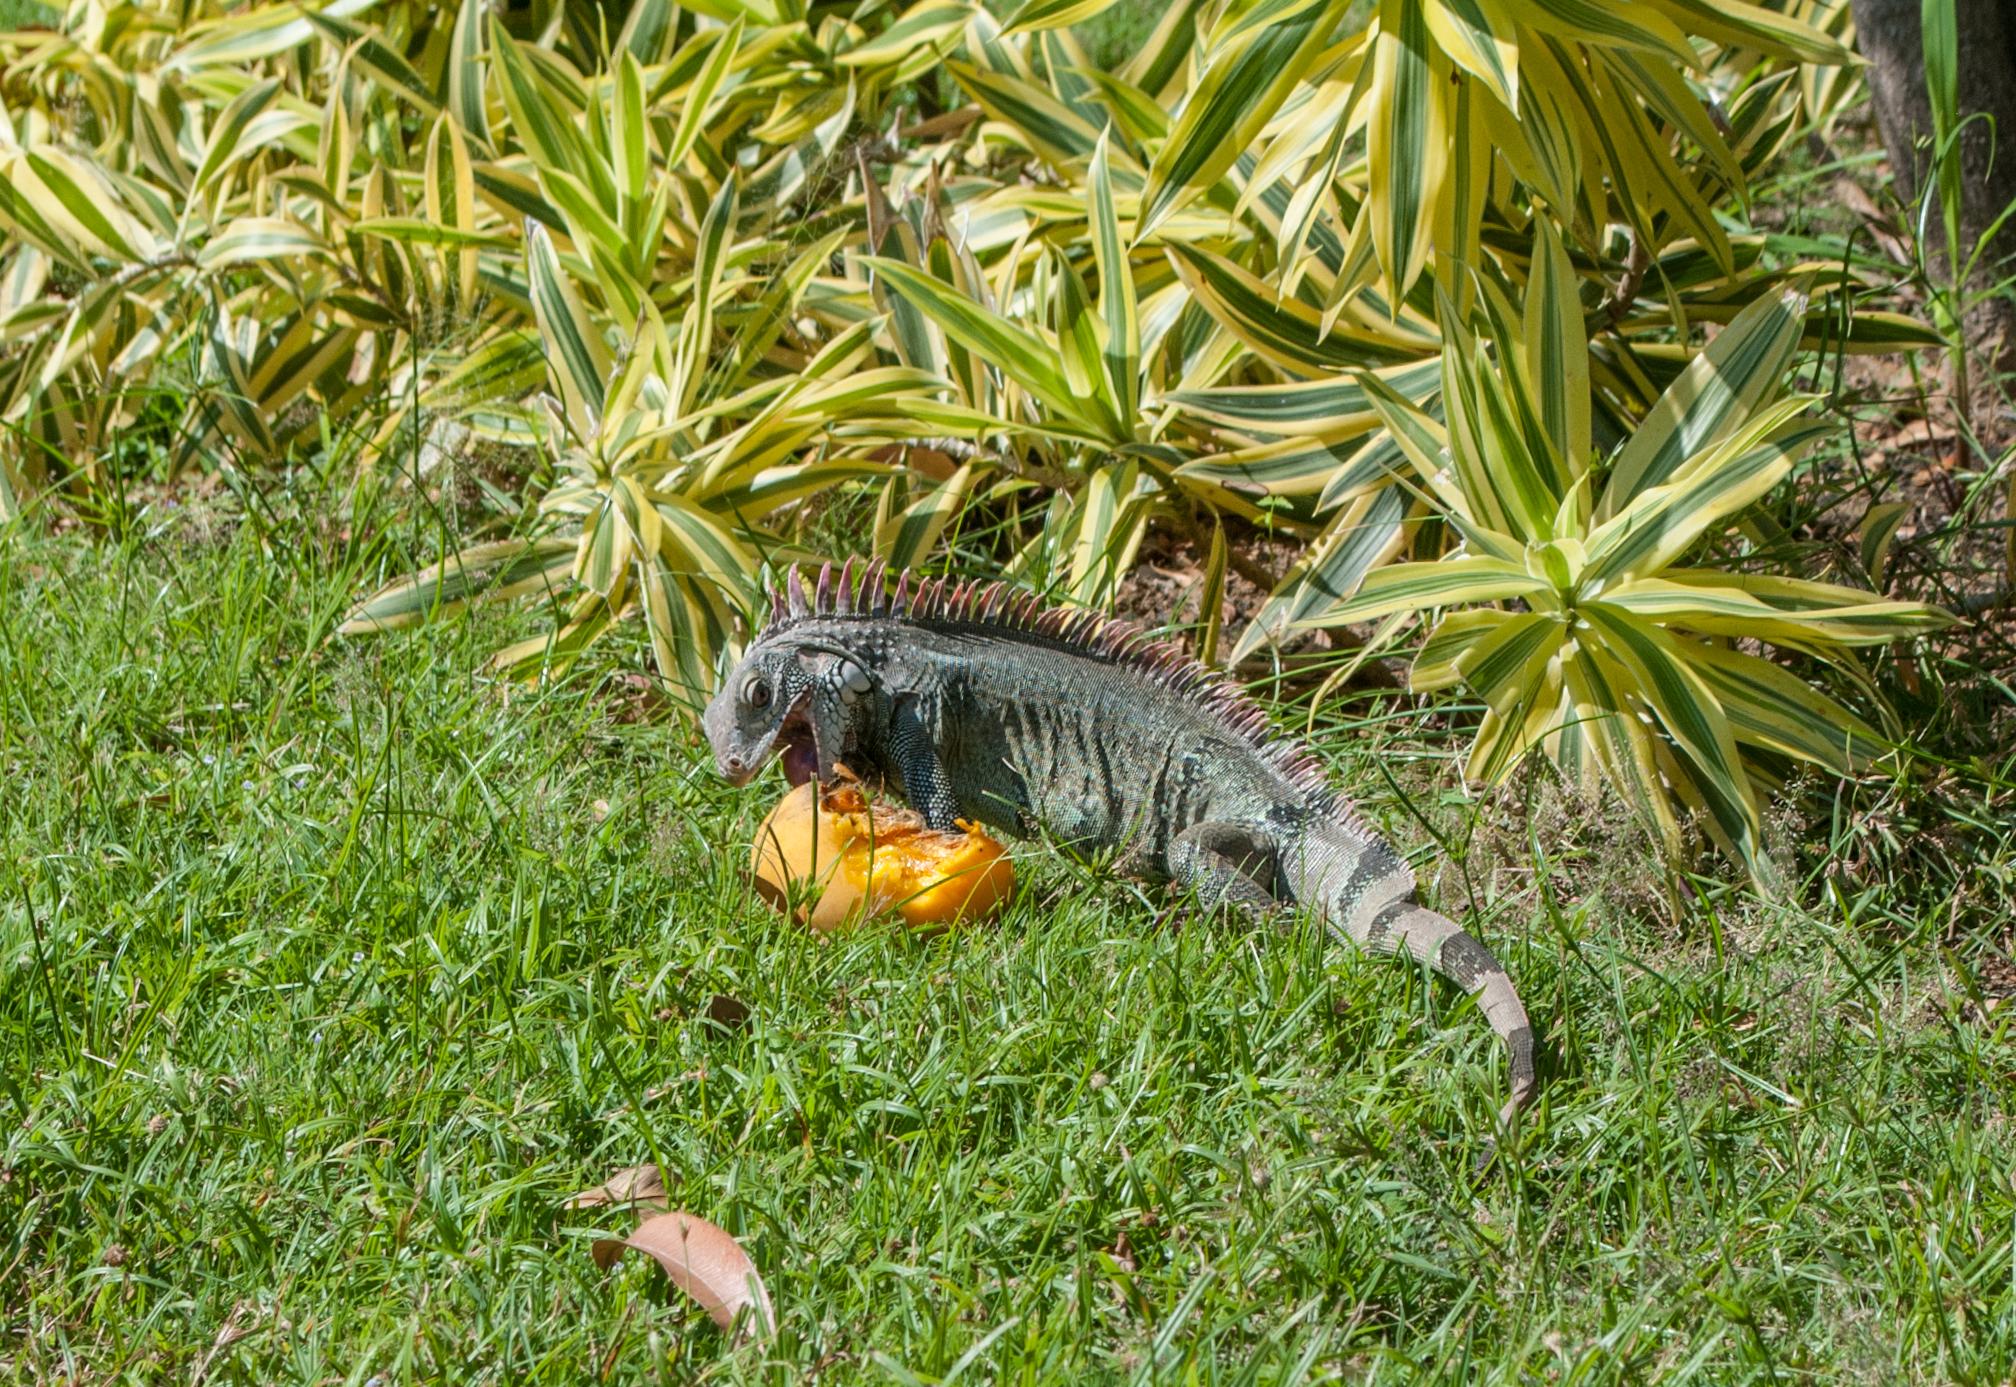 Iguana - Wikipedia